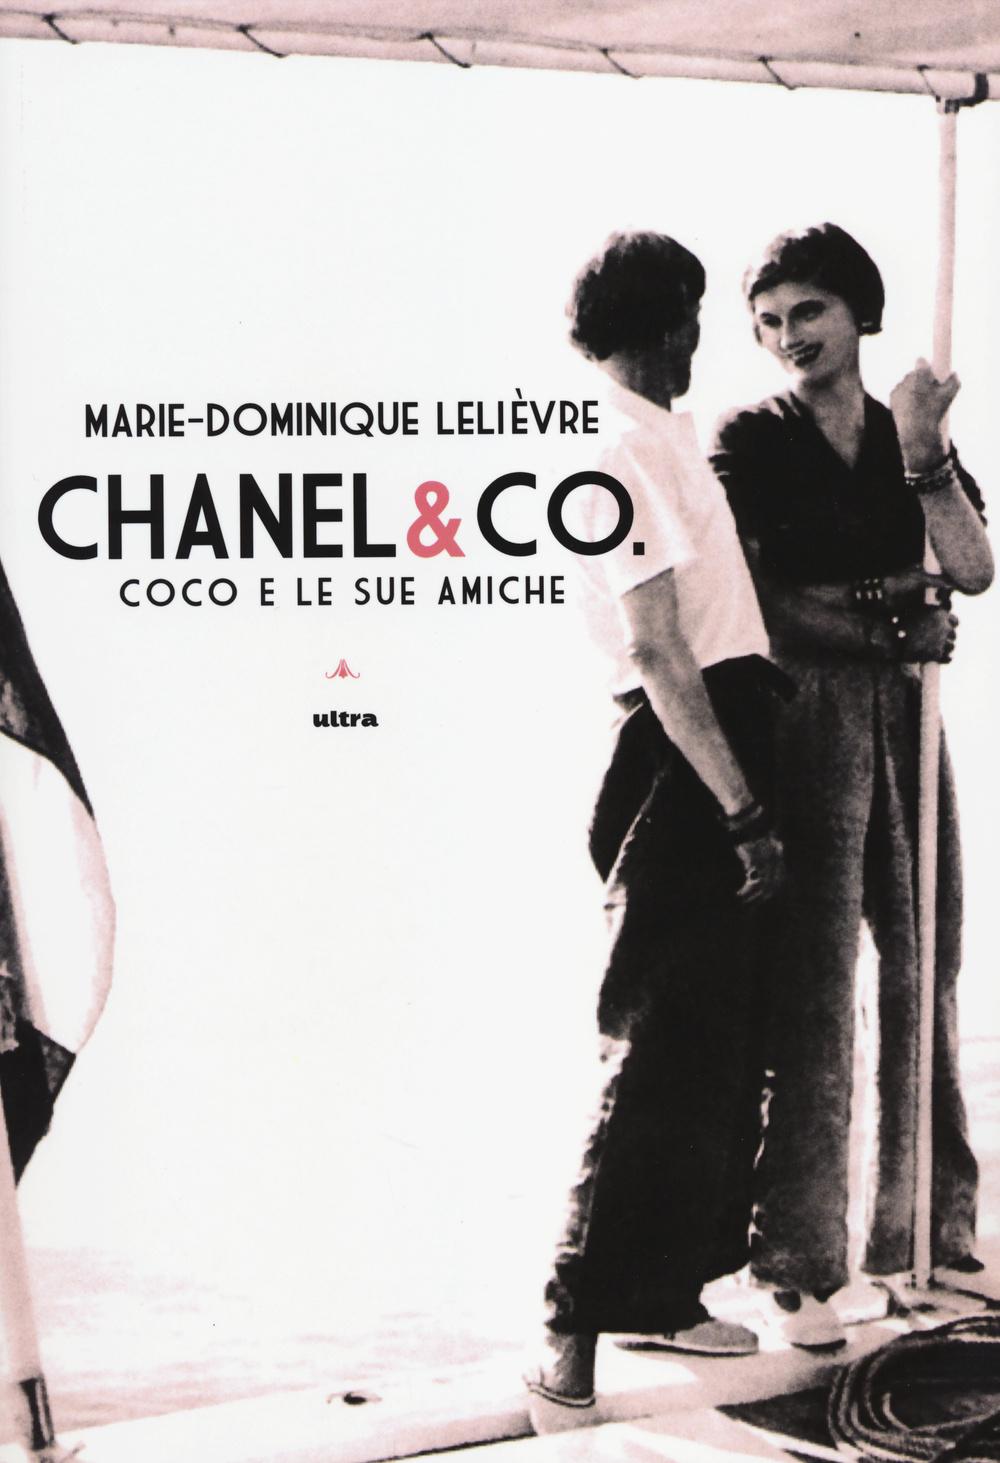 CHANEL & CO.COCO E LE SUE AMICHE